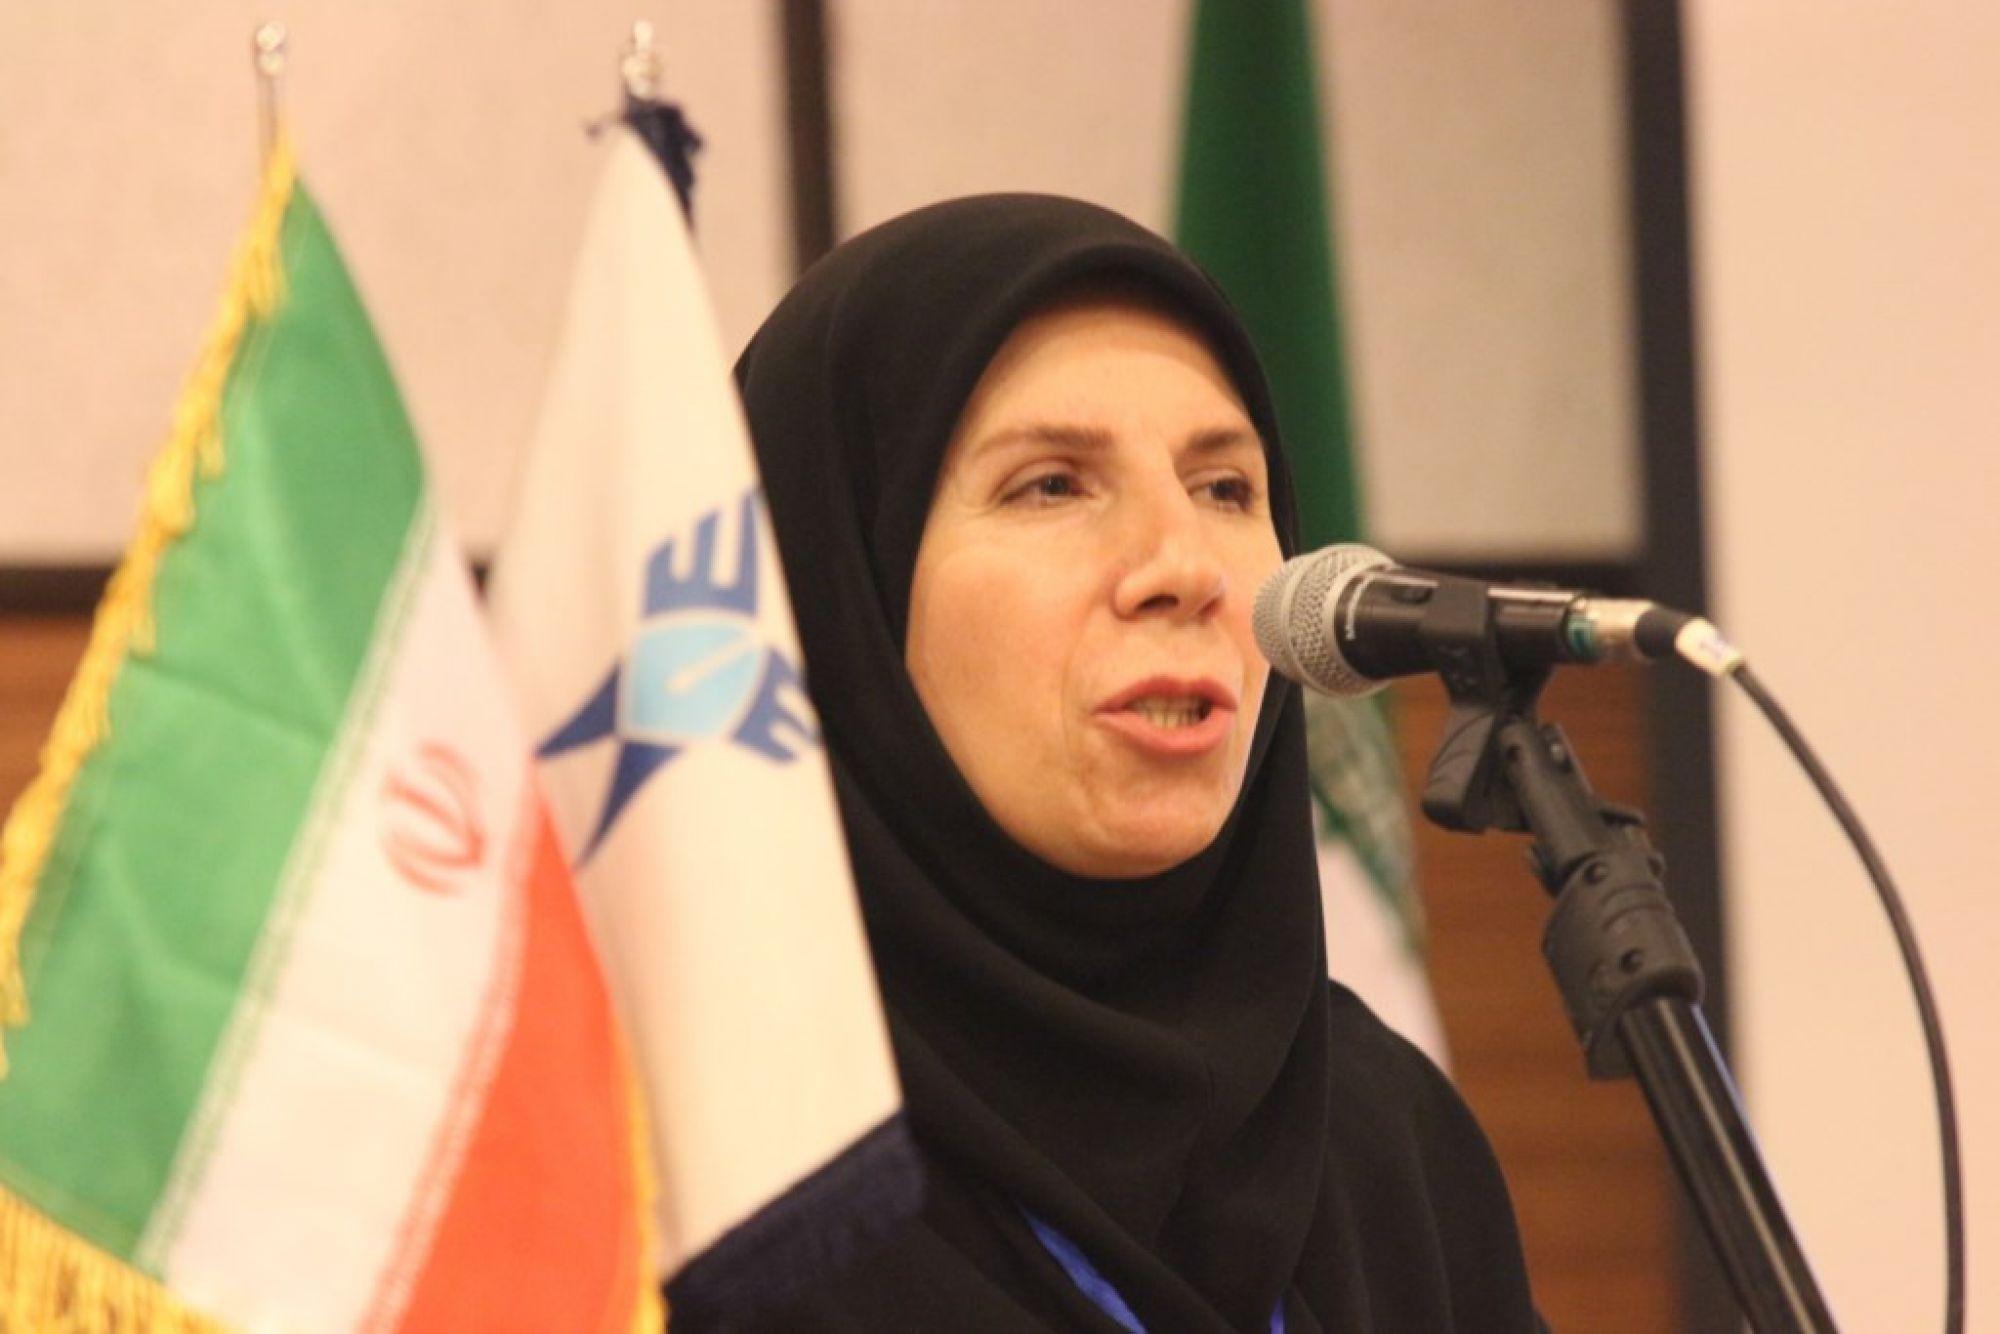 مصاحبه خانم نصراللهی